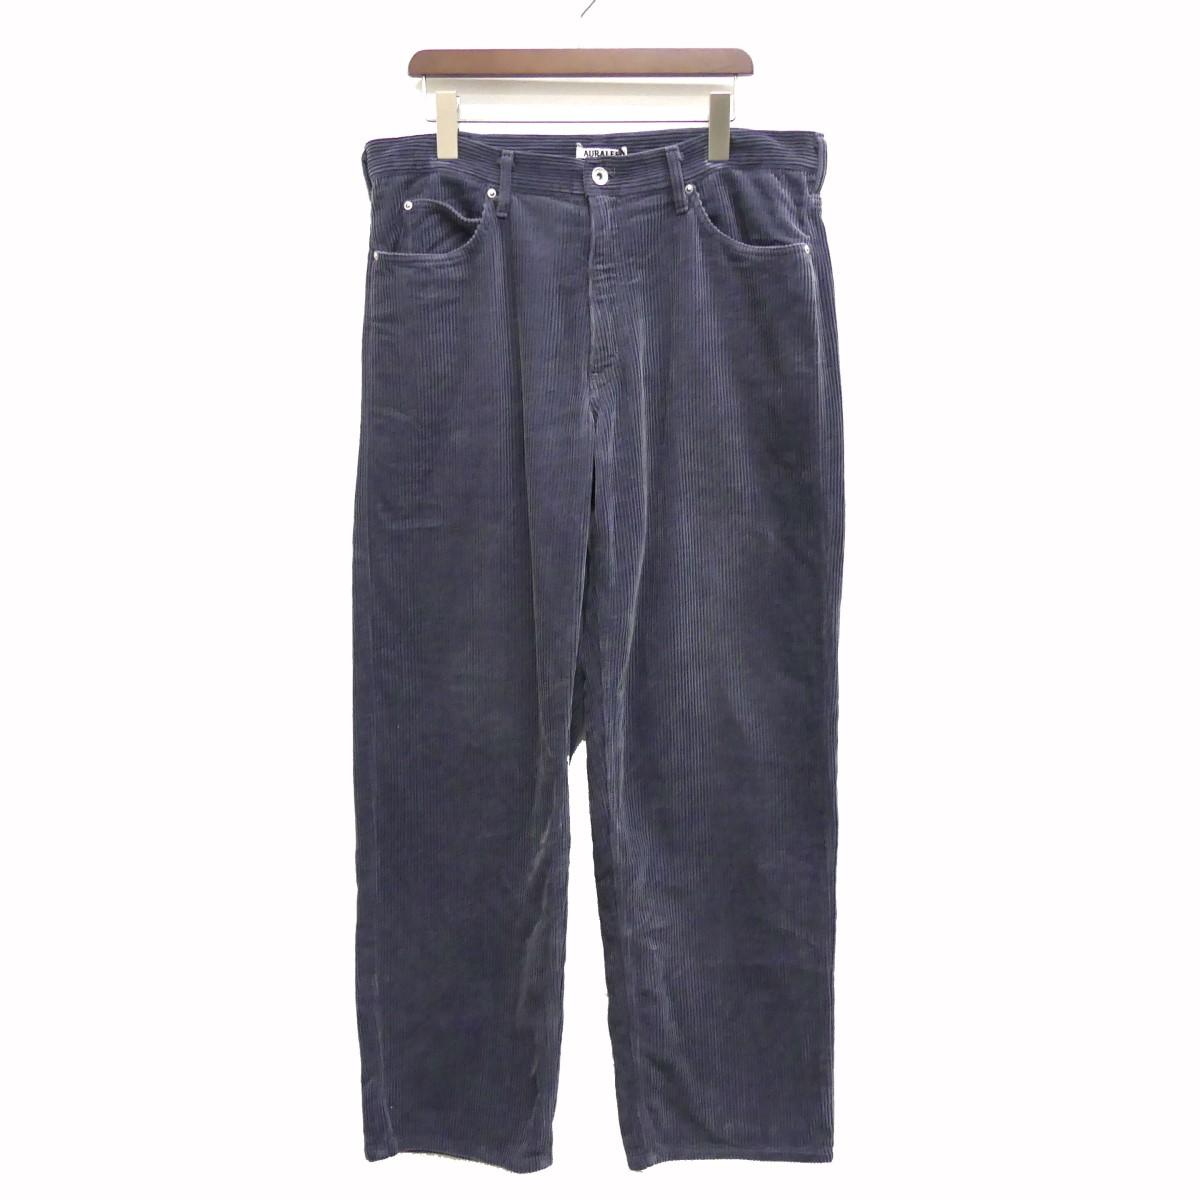 【中古】AURALEE 19AW WASHED CORDUROY 5P PANTS コーデュロイパンツ ダークブルー サイズ:4 【110620】(オーラリー)